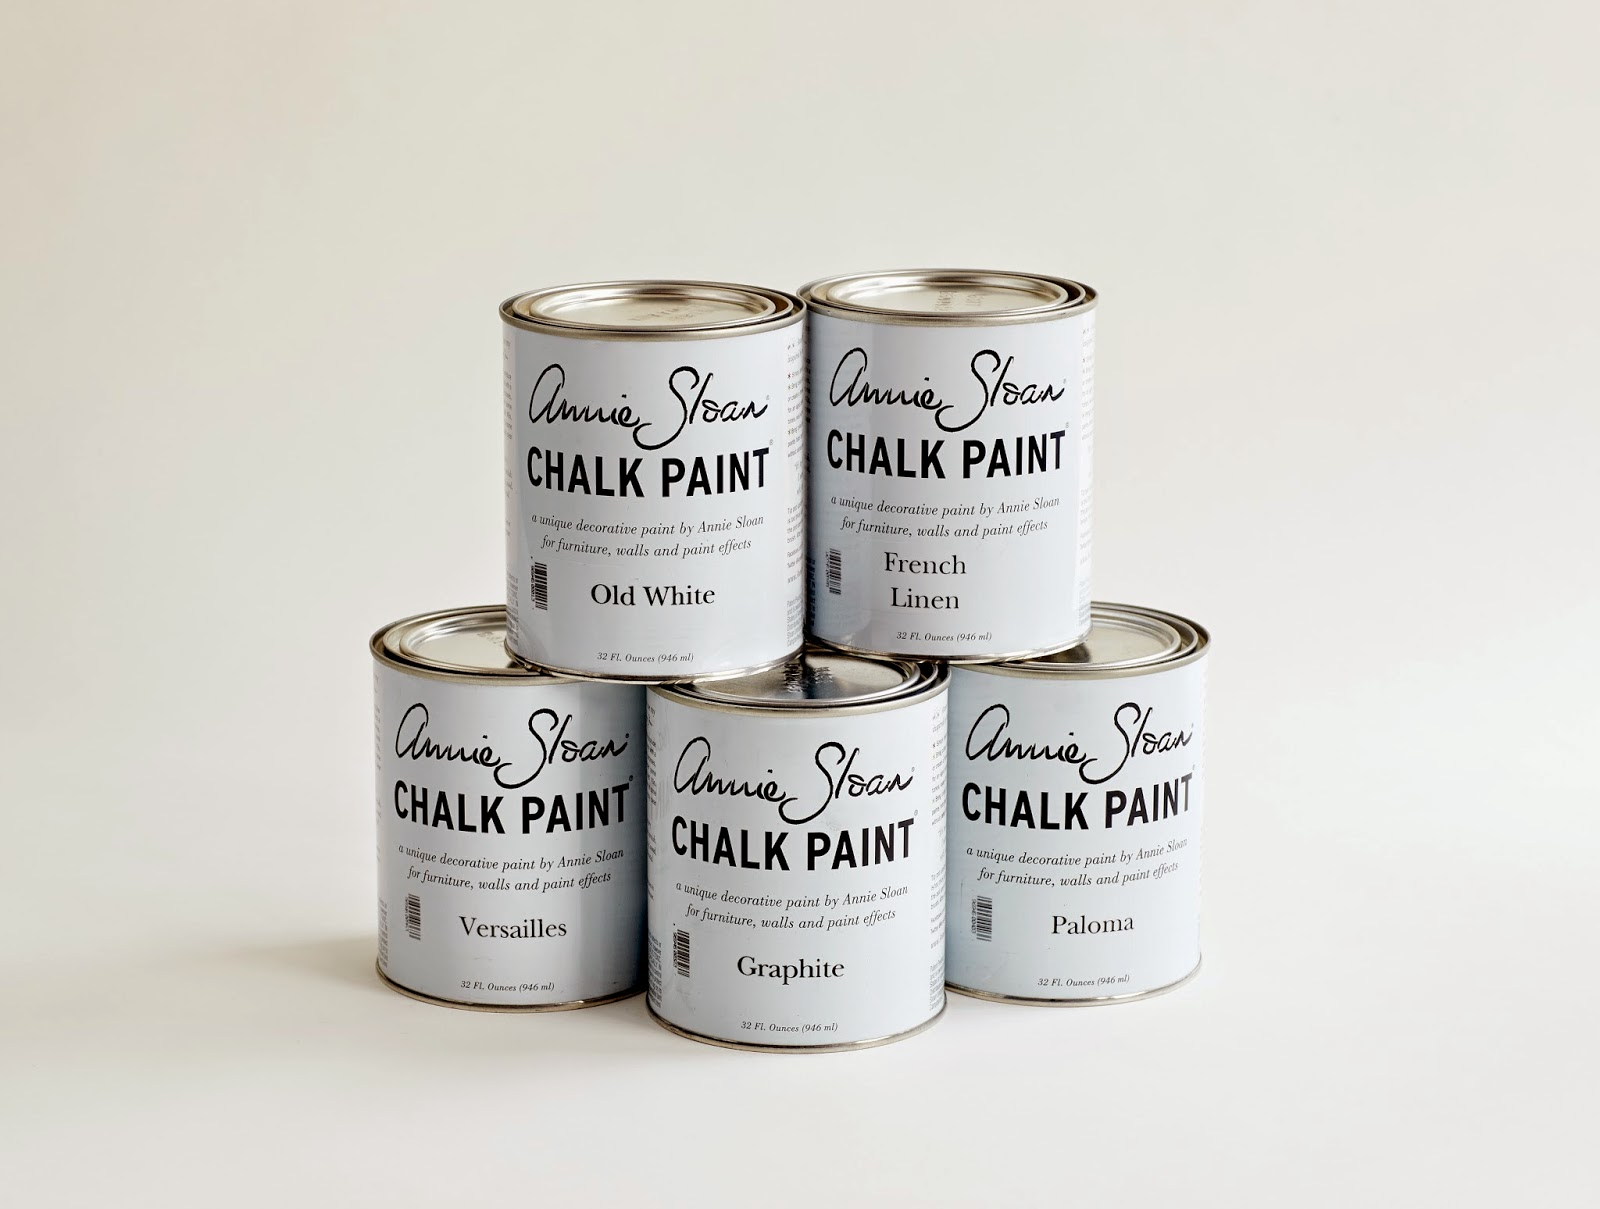 Botes de chalk paint de Annie Sloan